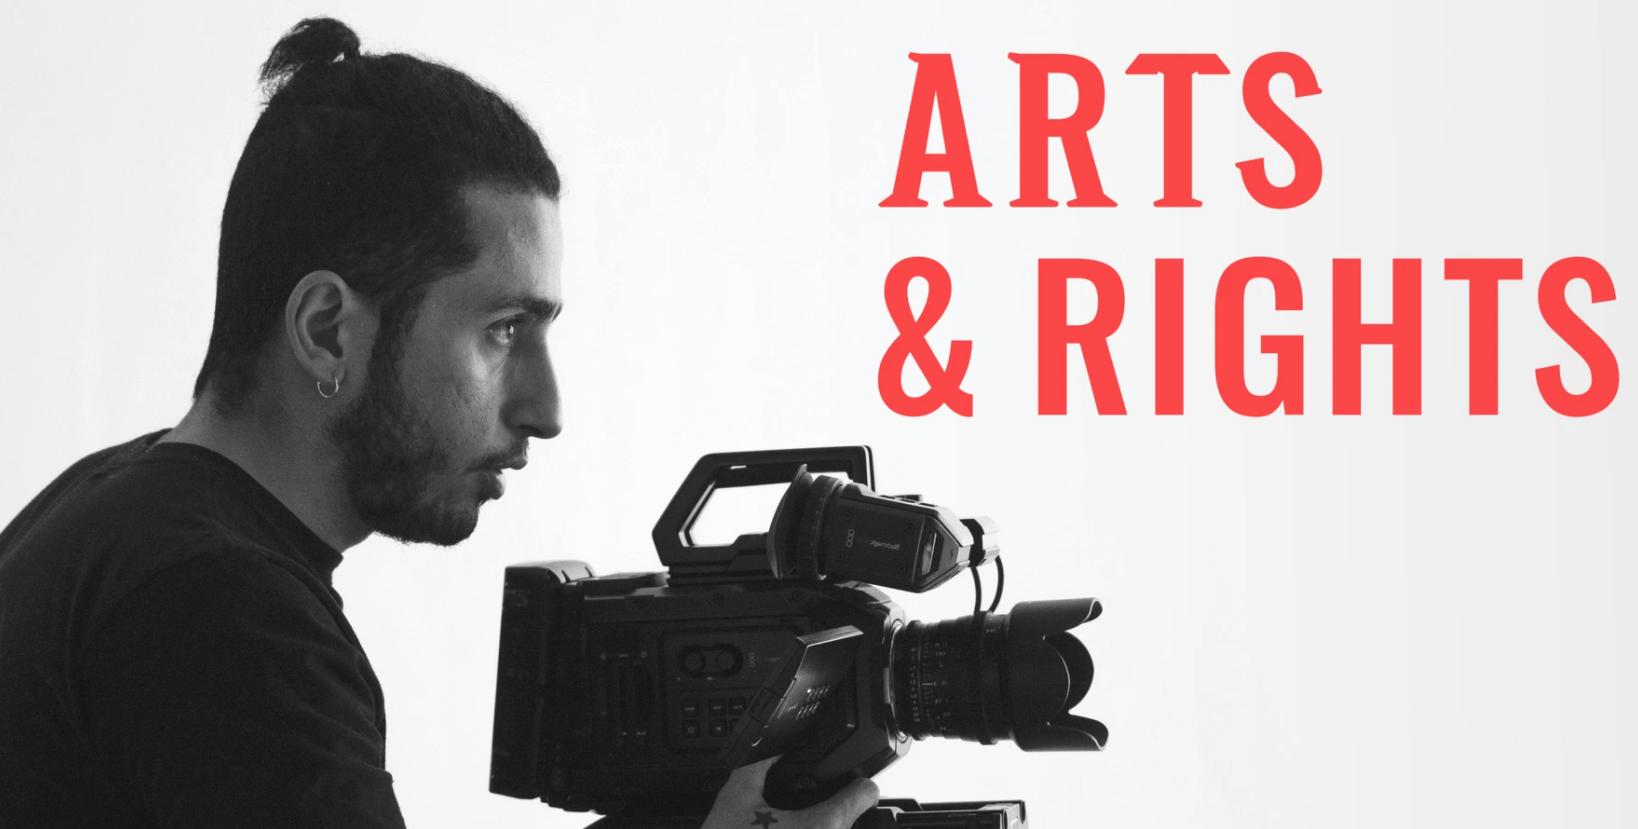 Як зняти кіно та змінити світ? Онлайн-презентація правозахисних документальних проєктів Arts&Rights - фото №2